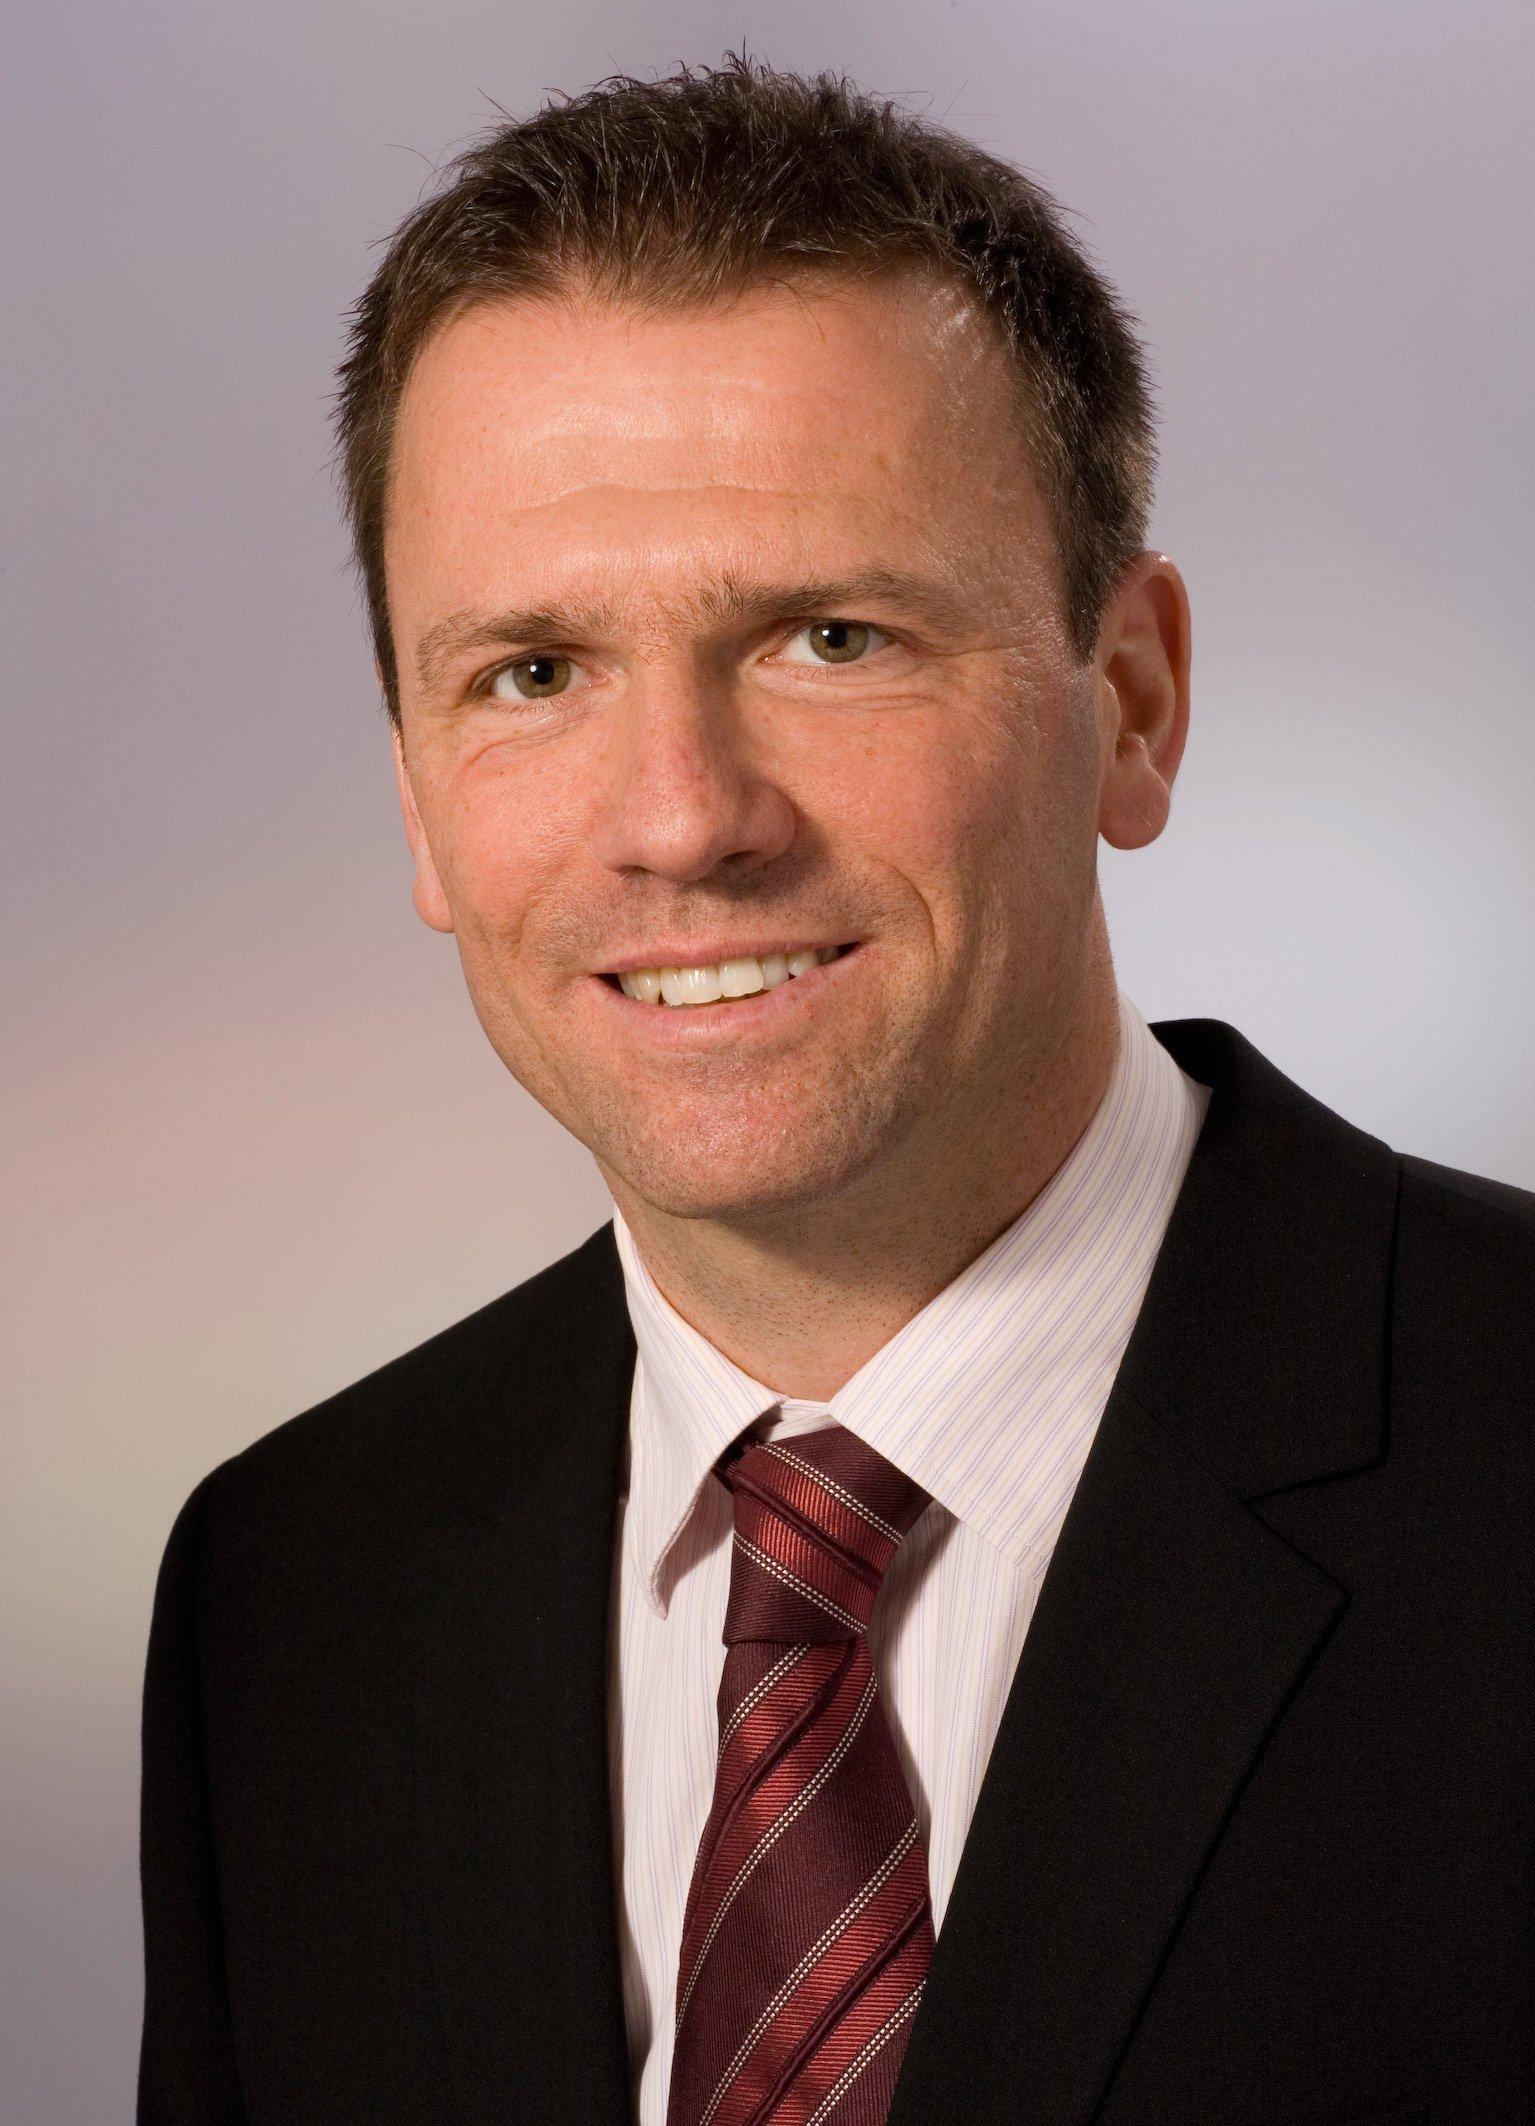 Christoph Bruhns, Facharzt für Orthopädie